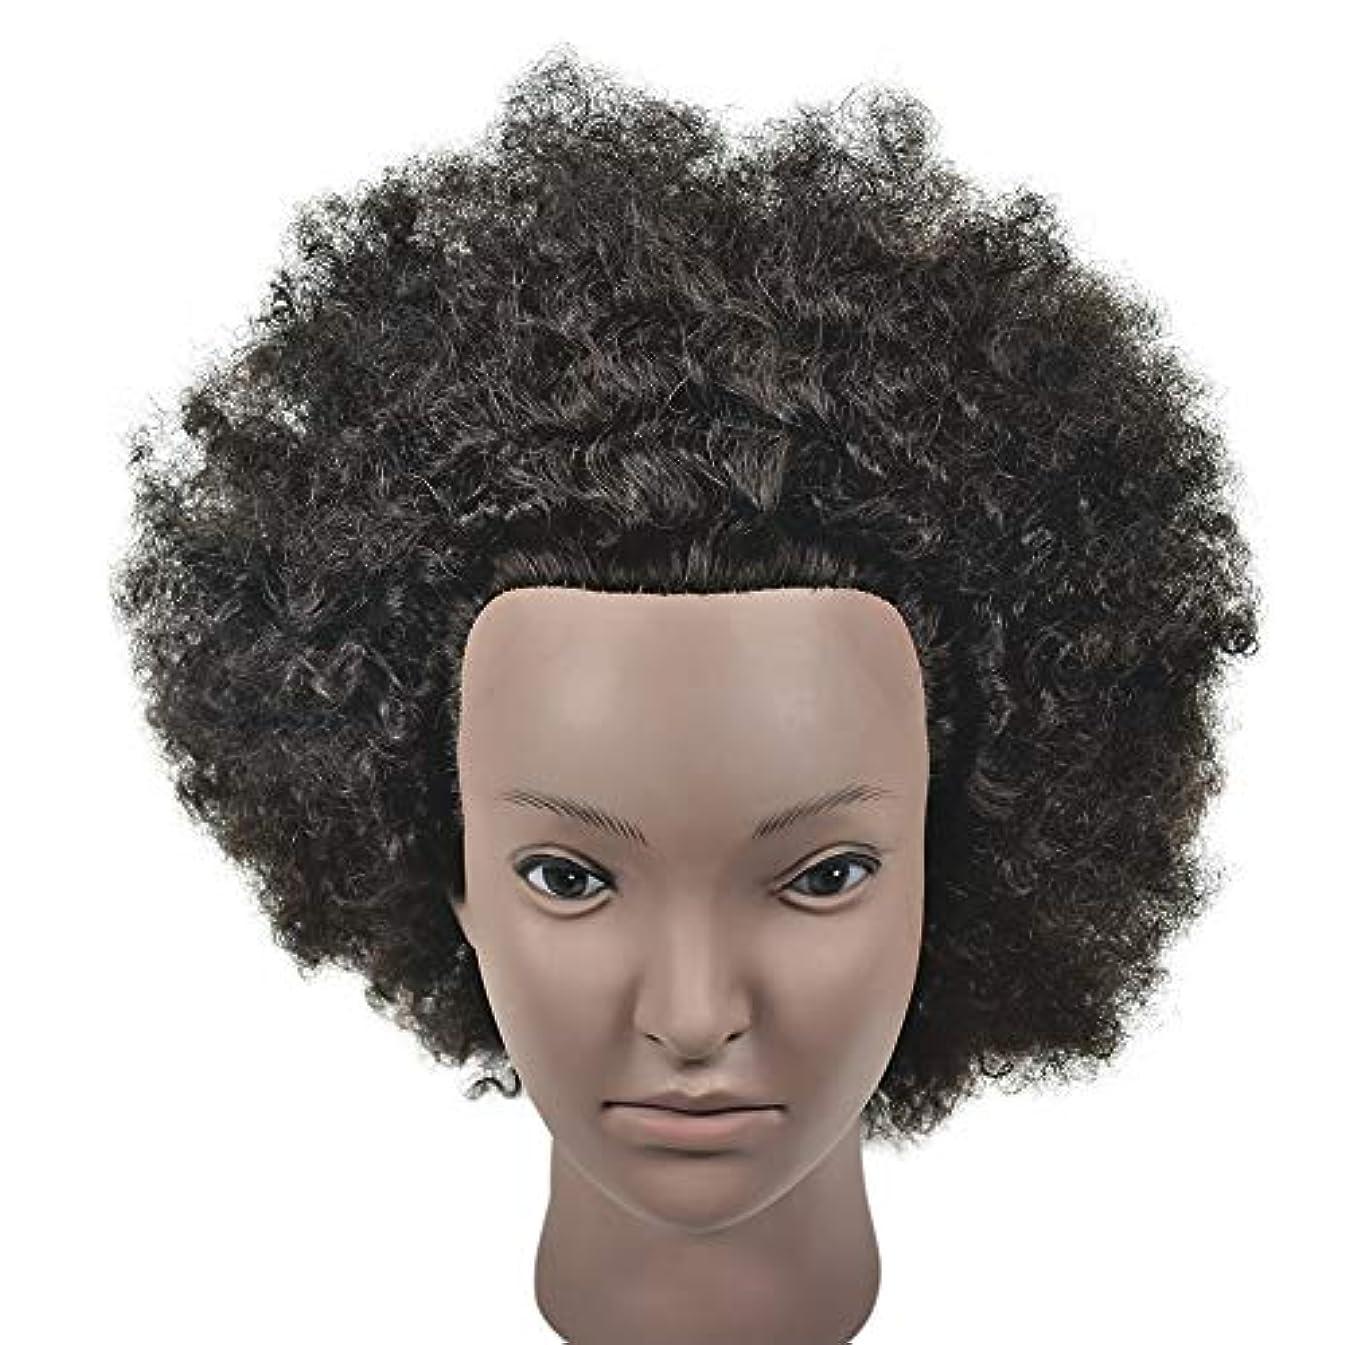 成り立つ協同皮肉な理髪店トリミングヘアエクササイズヘッドモールドメイクモデリング学習マネキンダミー爆発ヘッドブラック